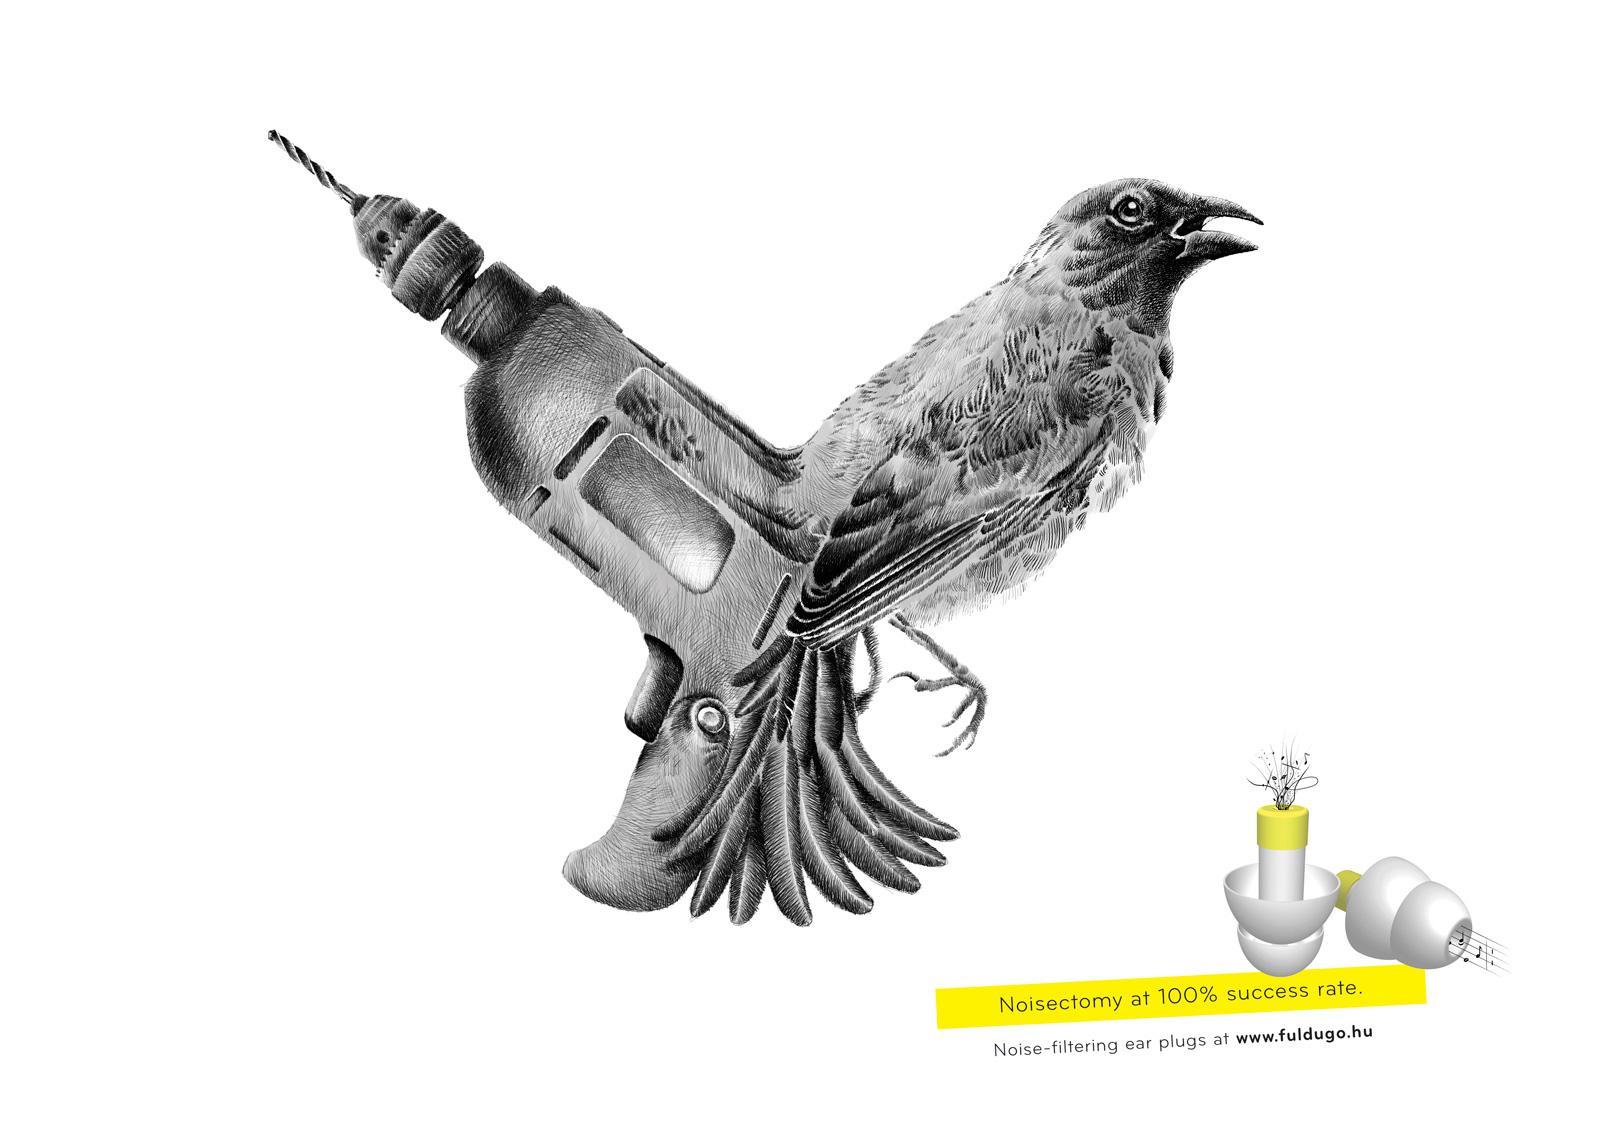 Fuldugo.hu Print Ad -  Noisectomy